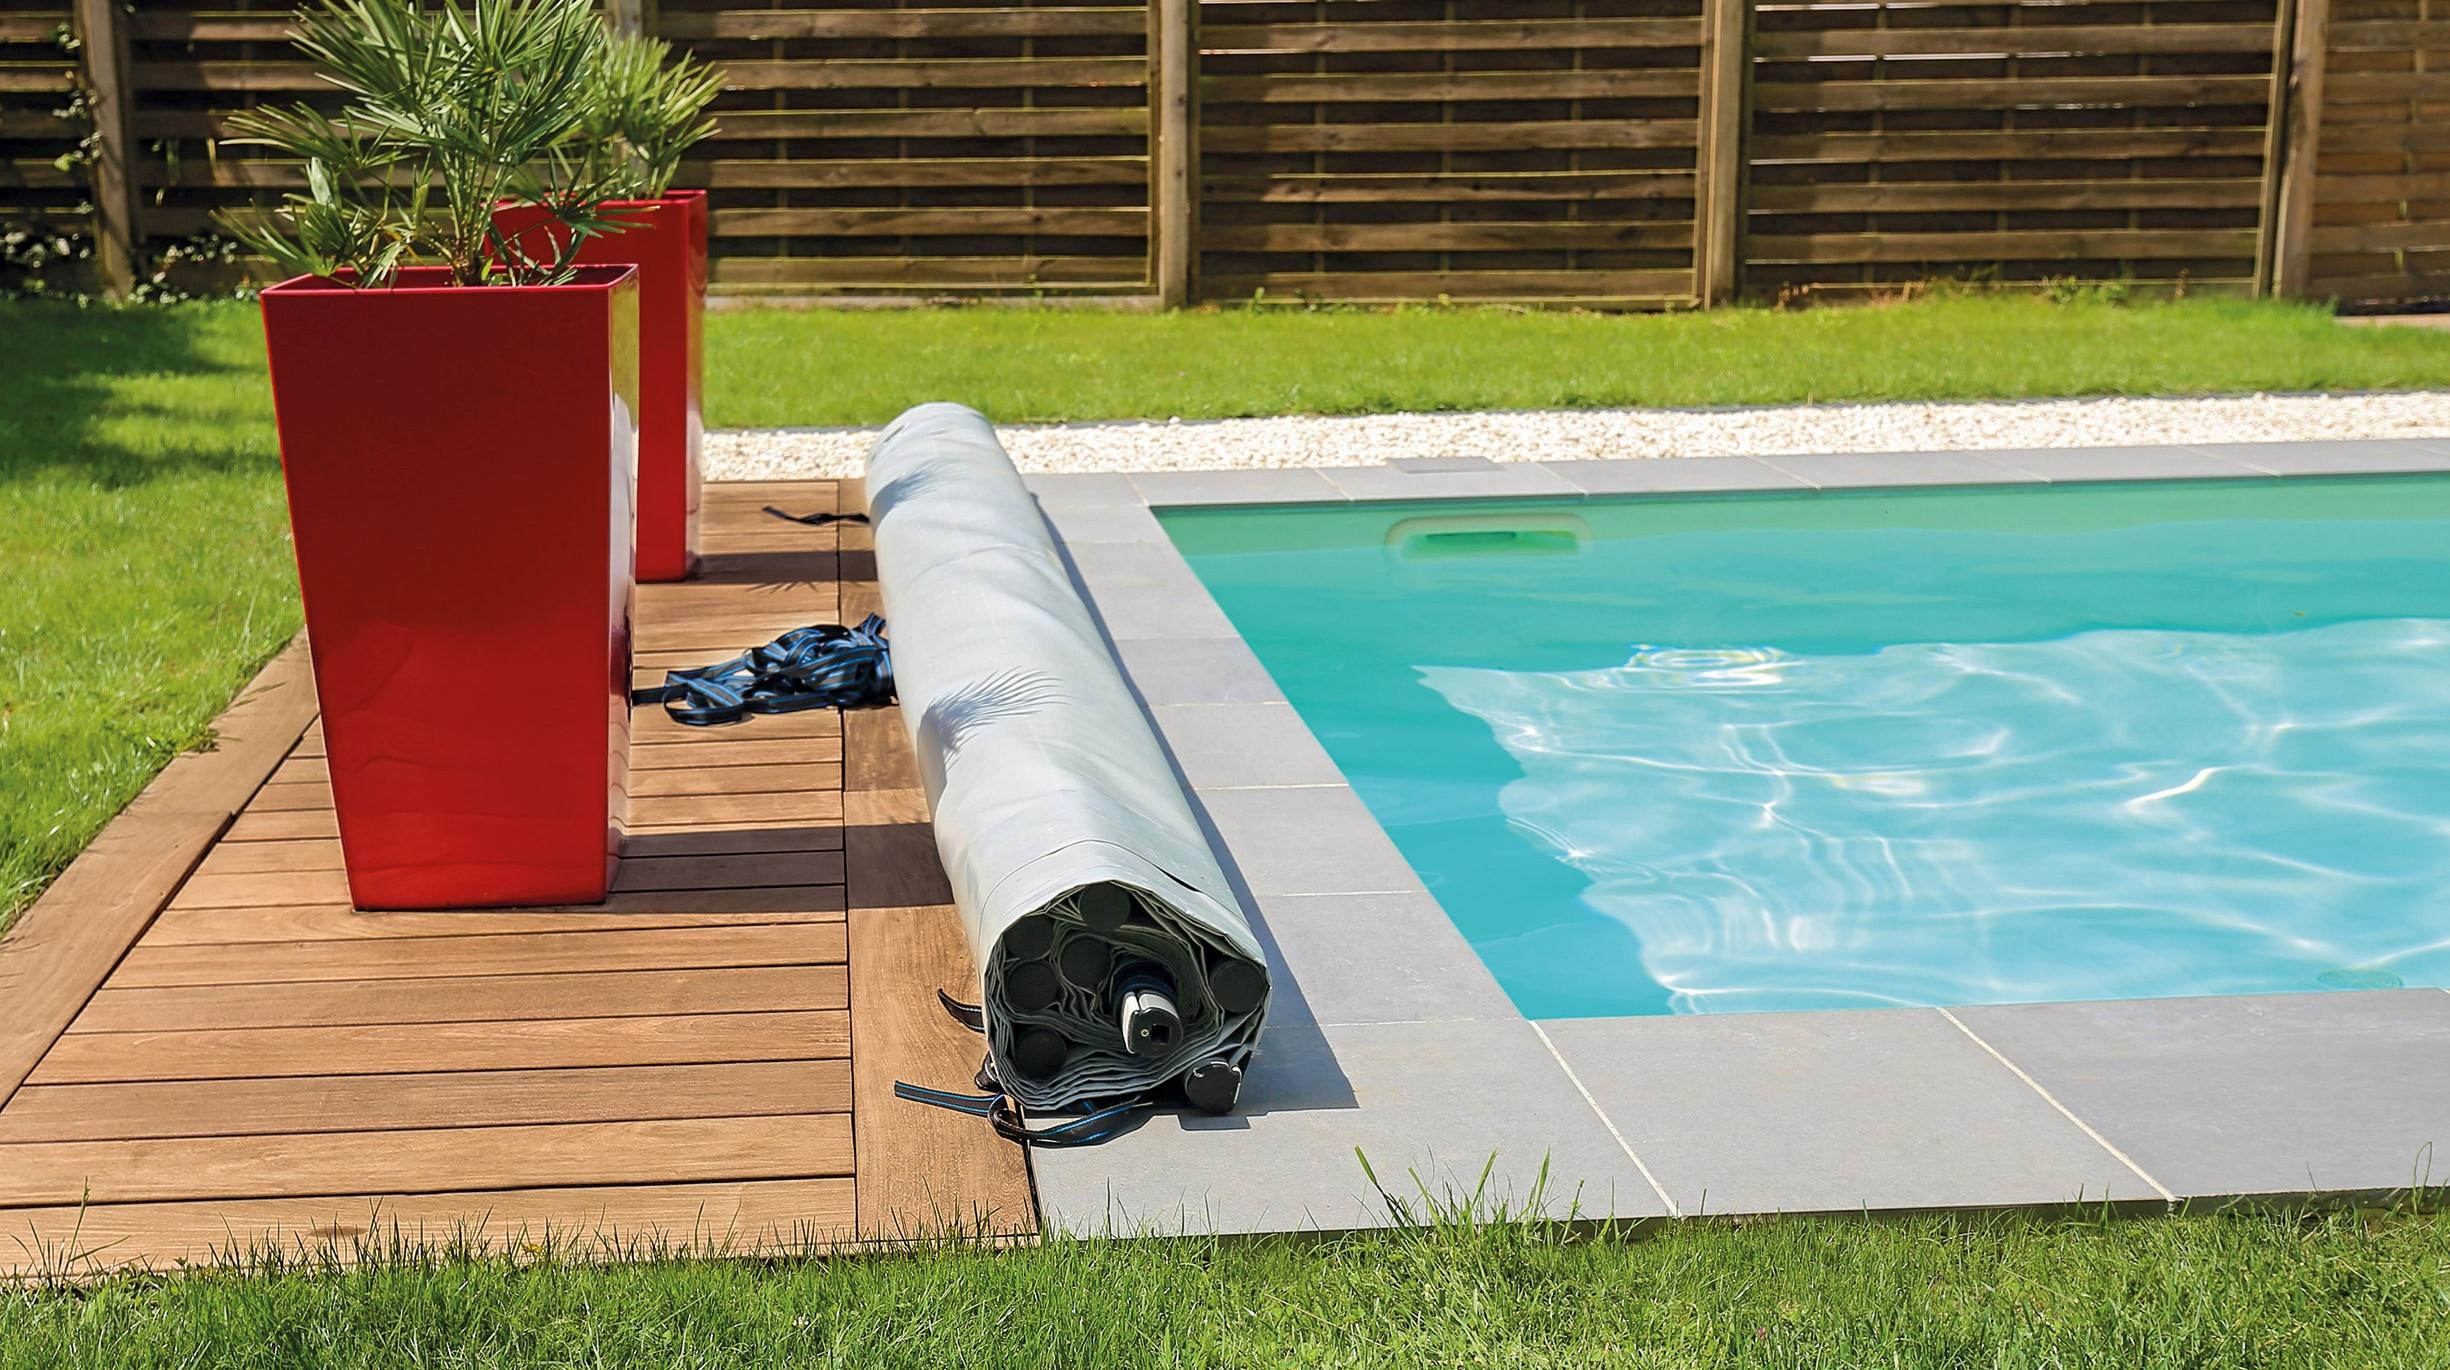 hivernage Quel système de filtration choisir pour sa piscine coque ?